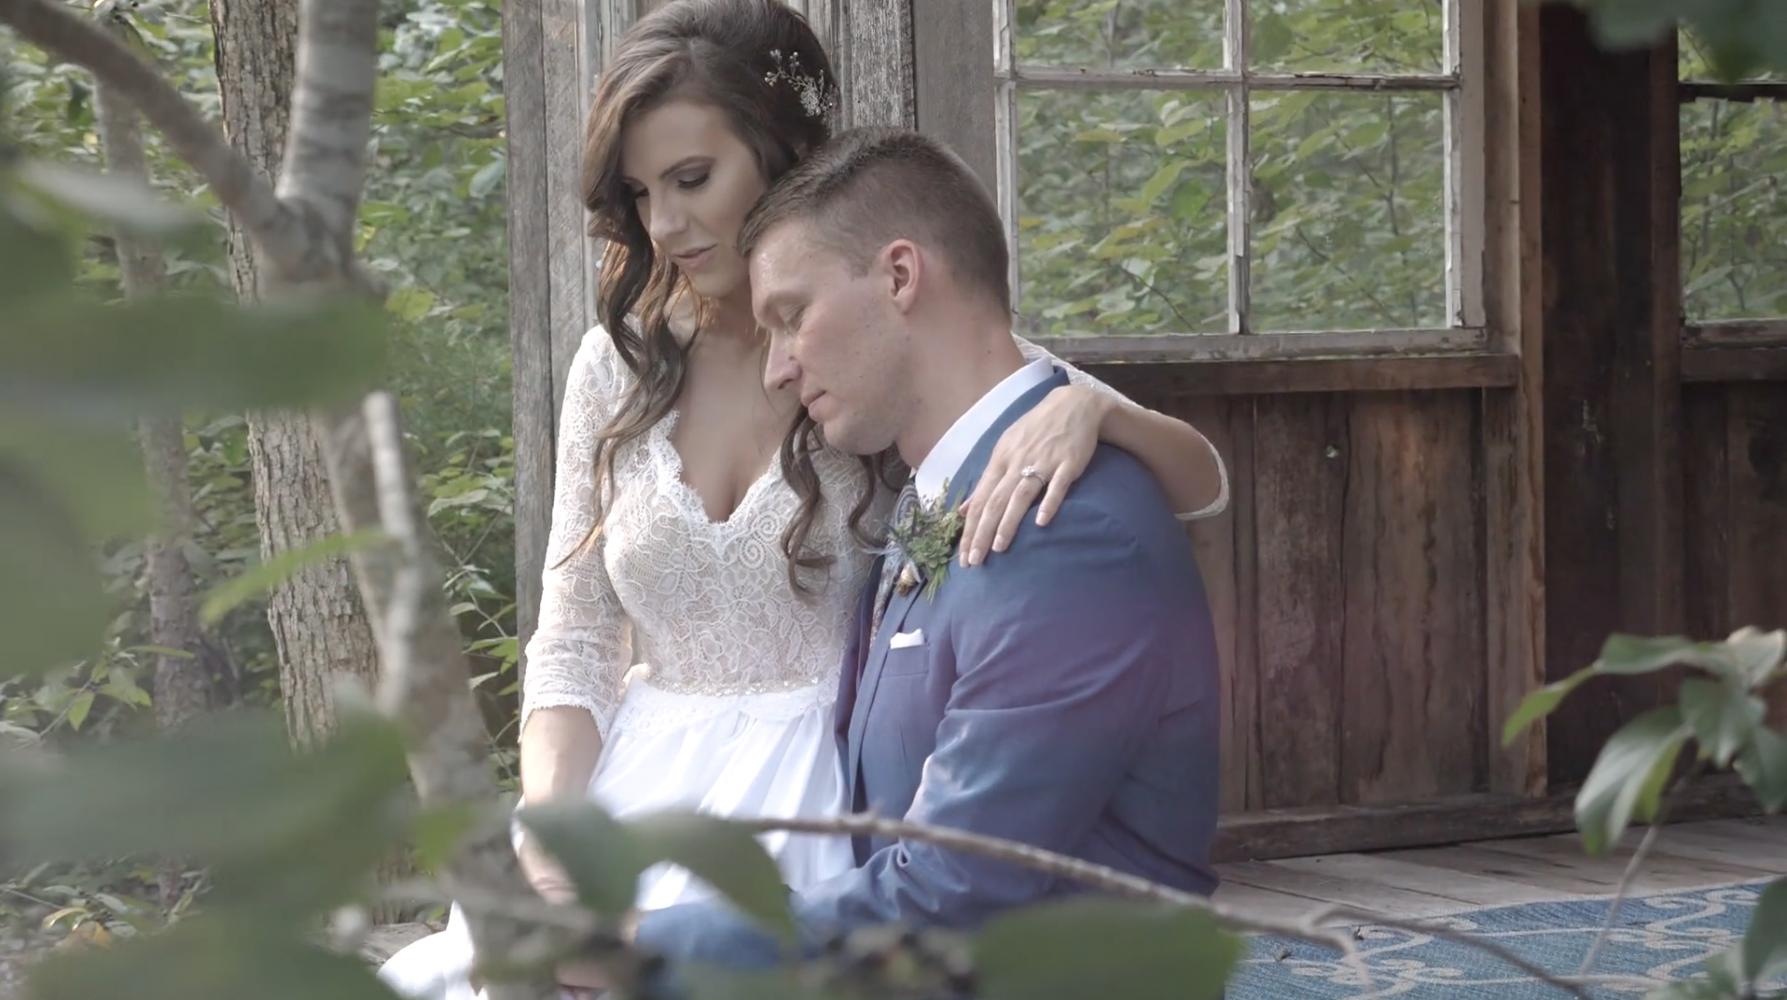 Spencer + Amanda | Murfreesboro, Tennessee | The Wren's Nest